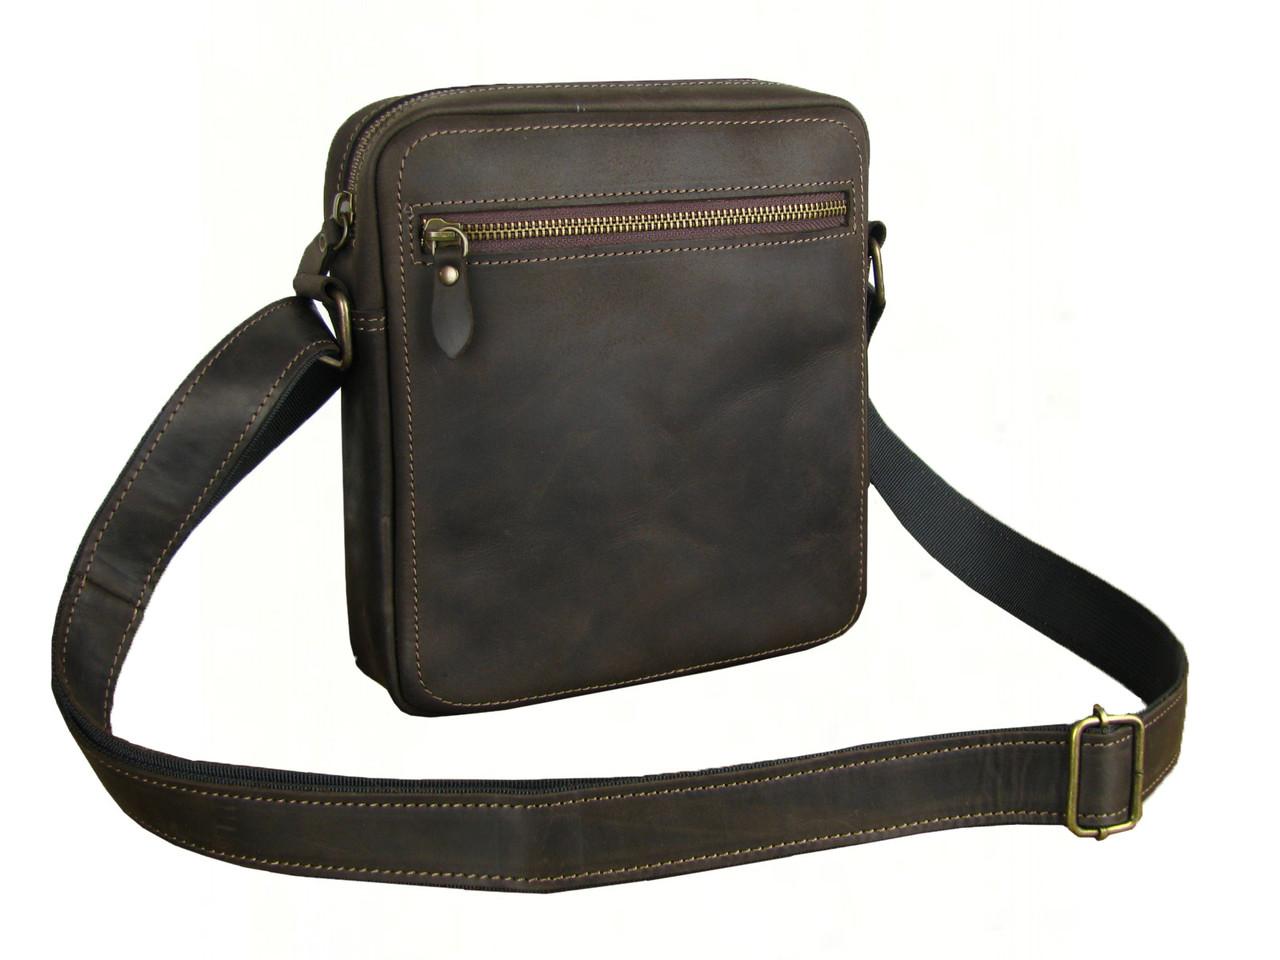 Мужская сумка через плечо GS кожаная коричневая